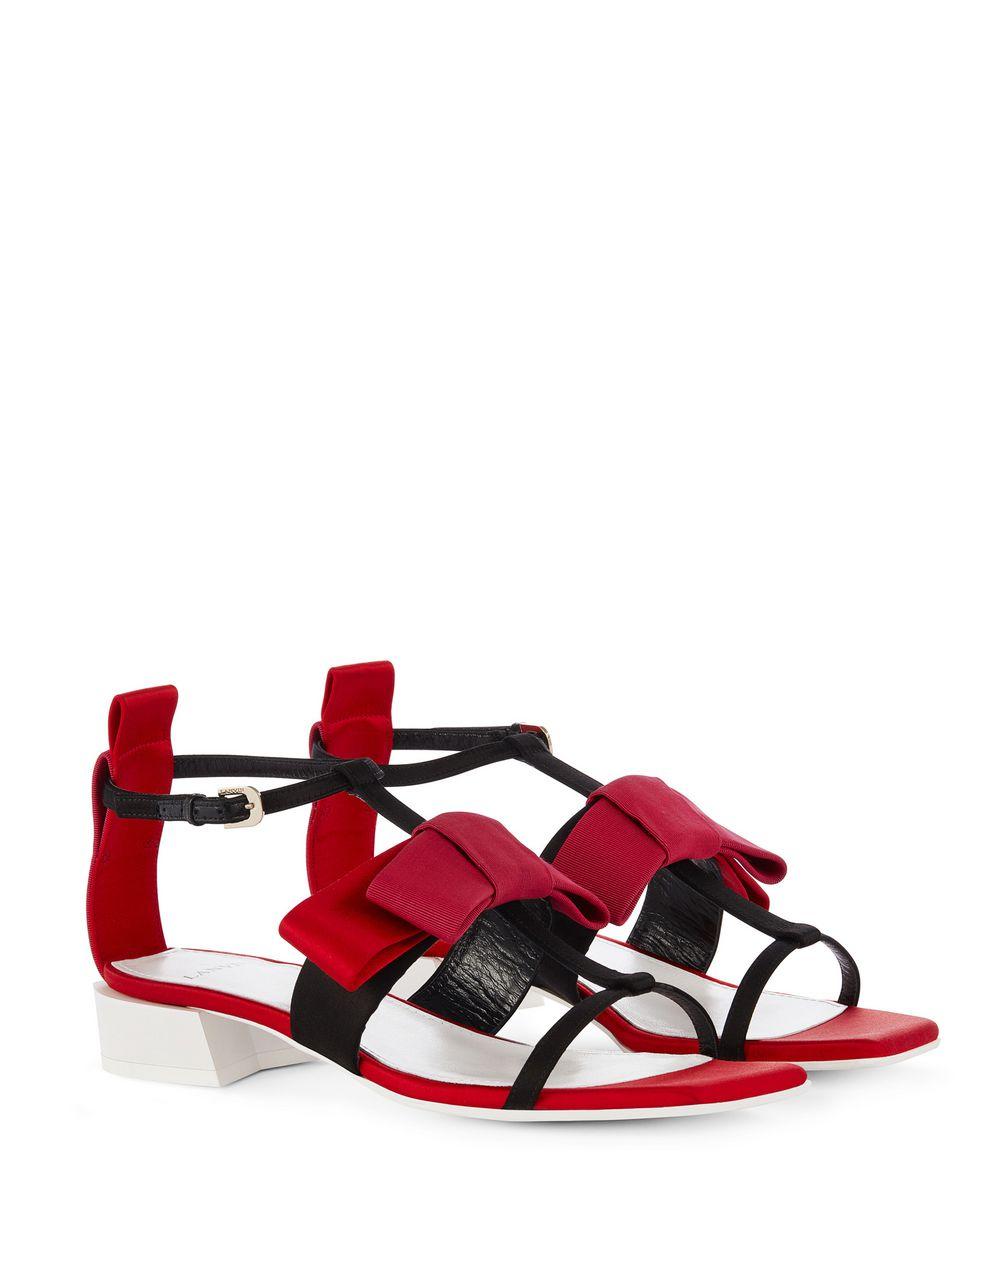 sandale plate n ud lanvin sandale femme boutique en. Black Bedroom Furniture Sets. Home Design Ideas